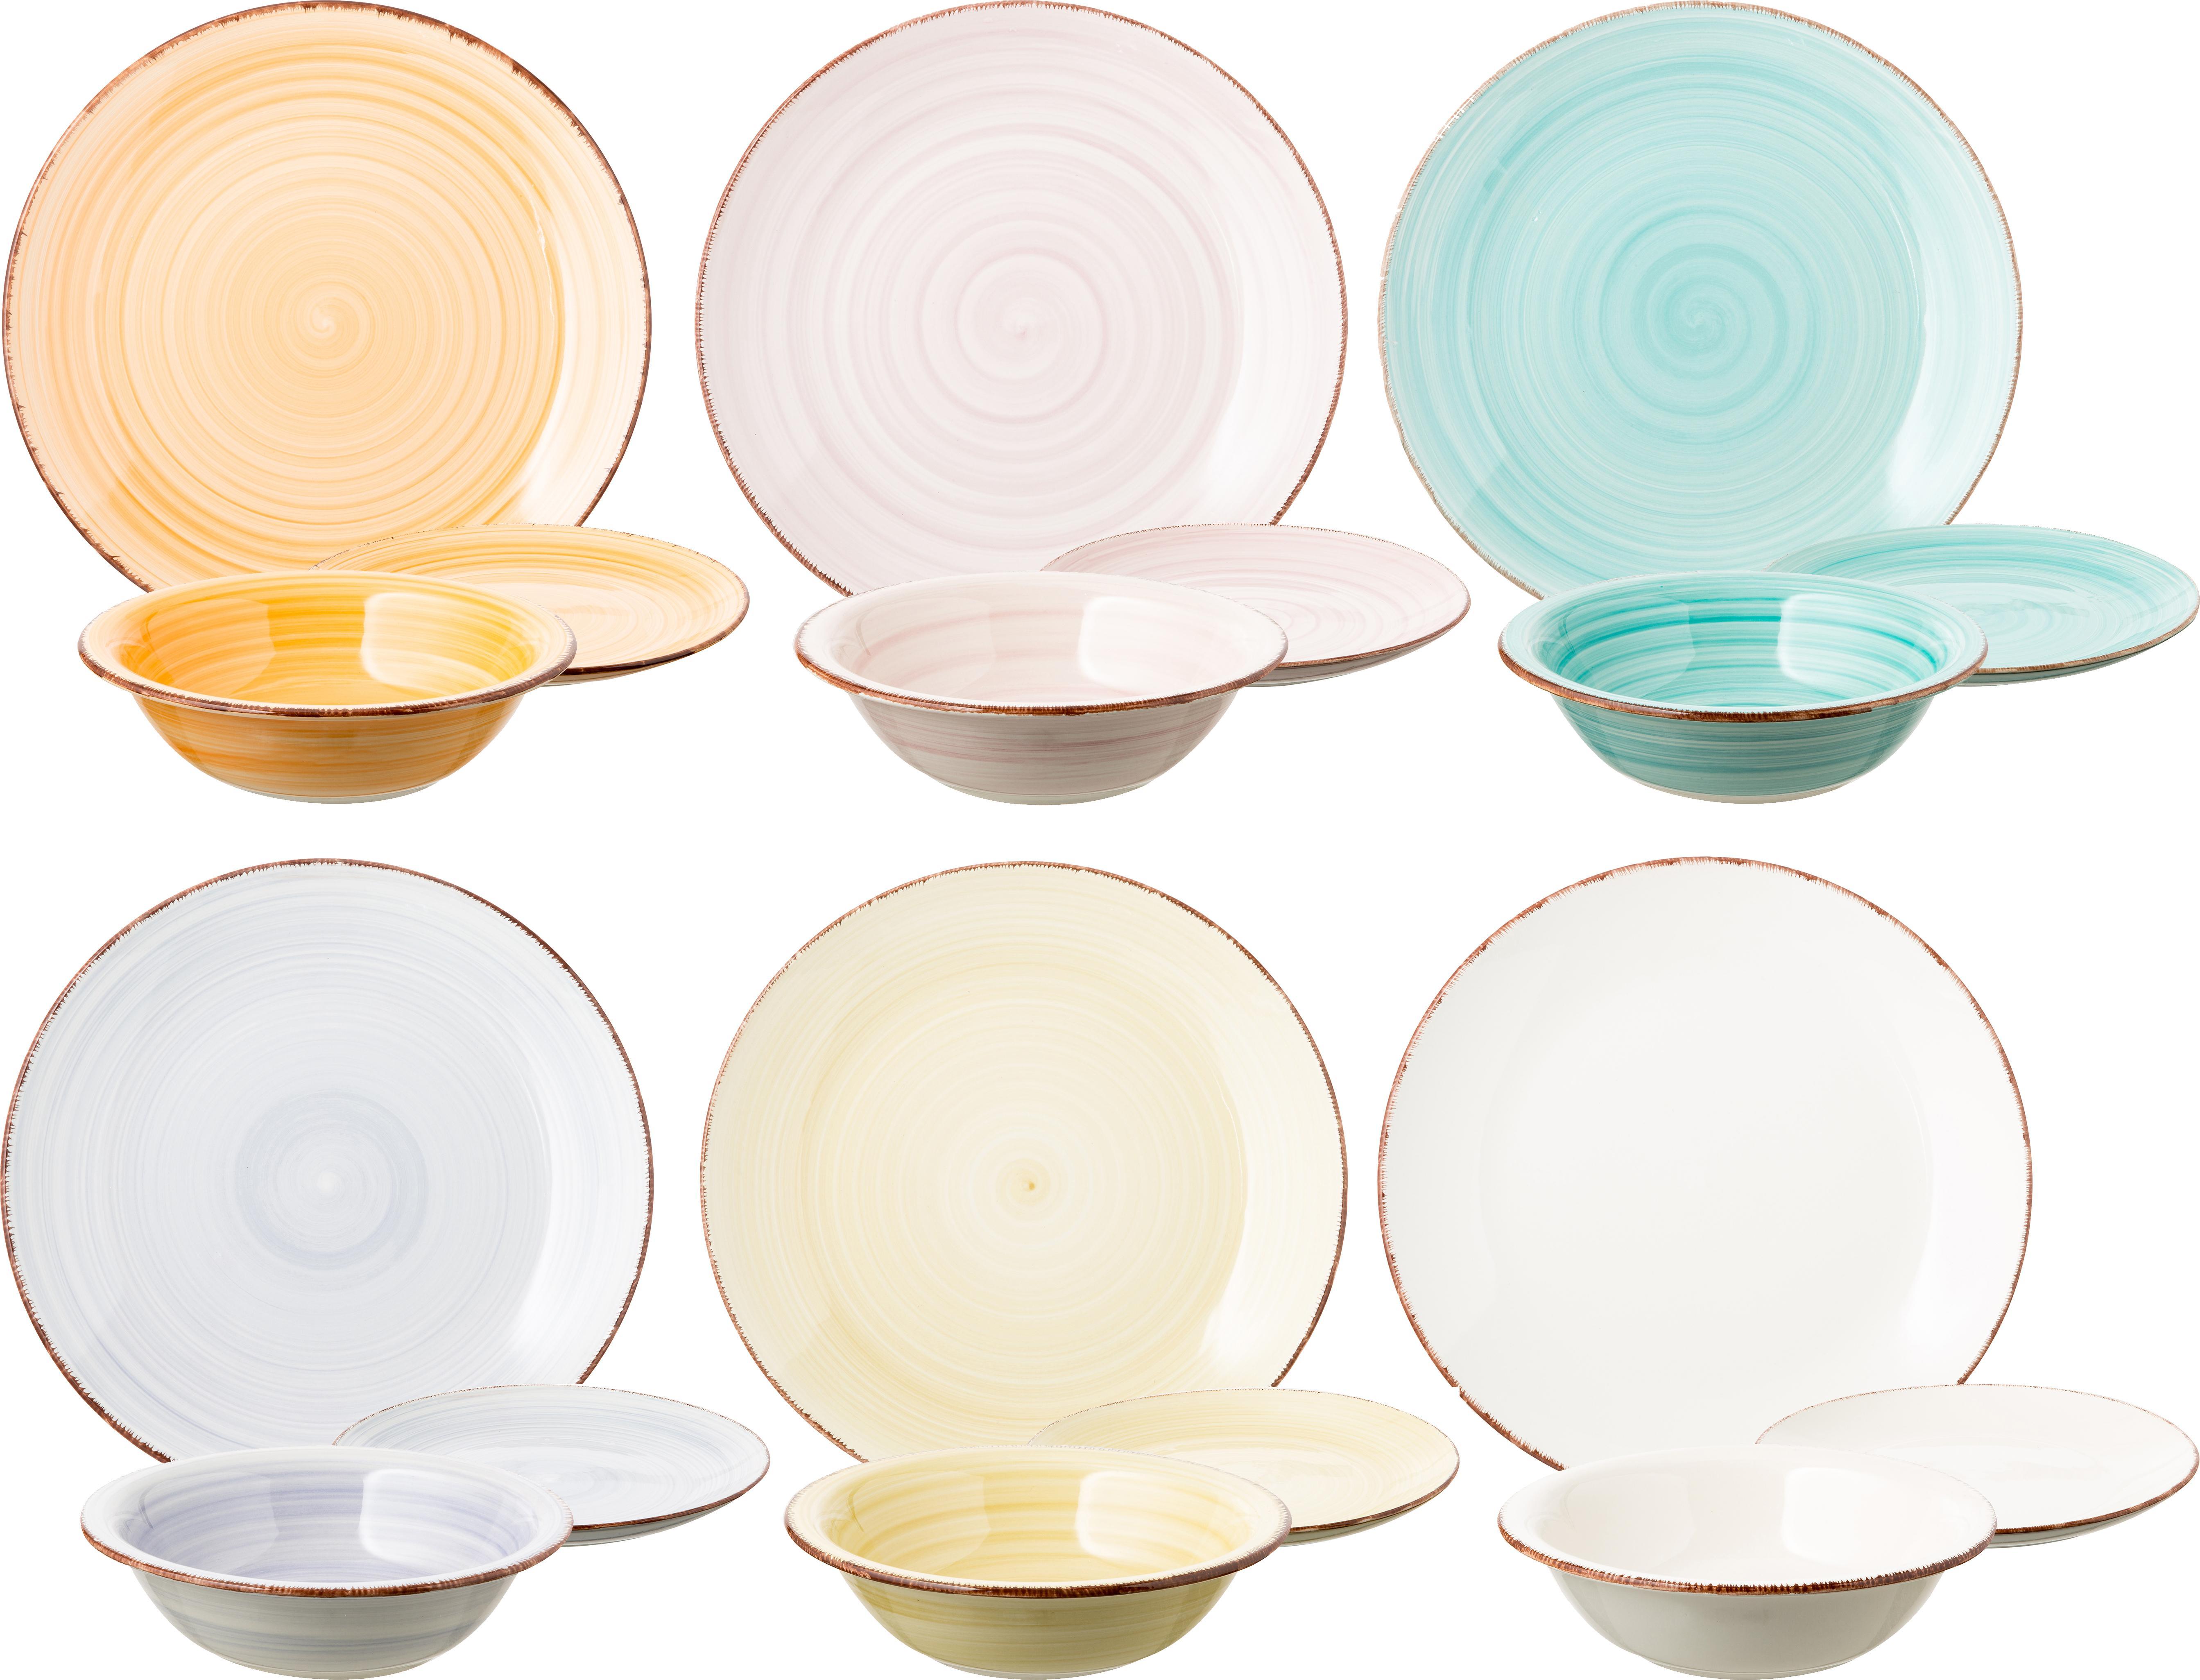 Set 18 piatti dipinti a mano in tonalità pastello Baita, Terracotta (dolomite duro), dipinto a mano, Giallo, tonalità rosa, azzurro, bianco, Diverse dimensioni